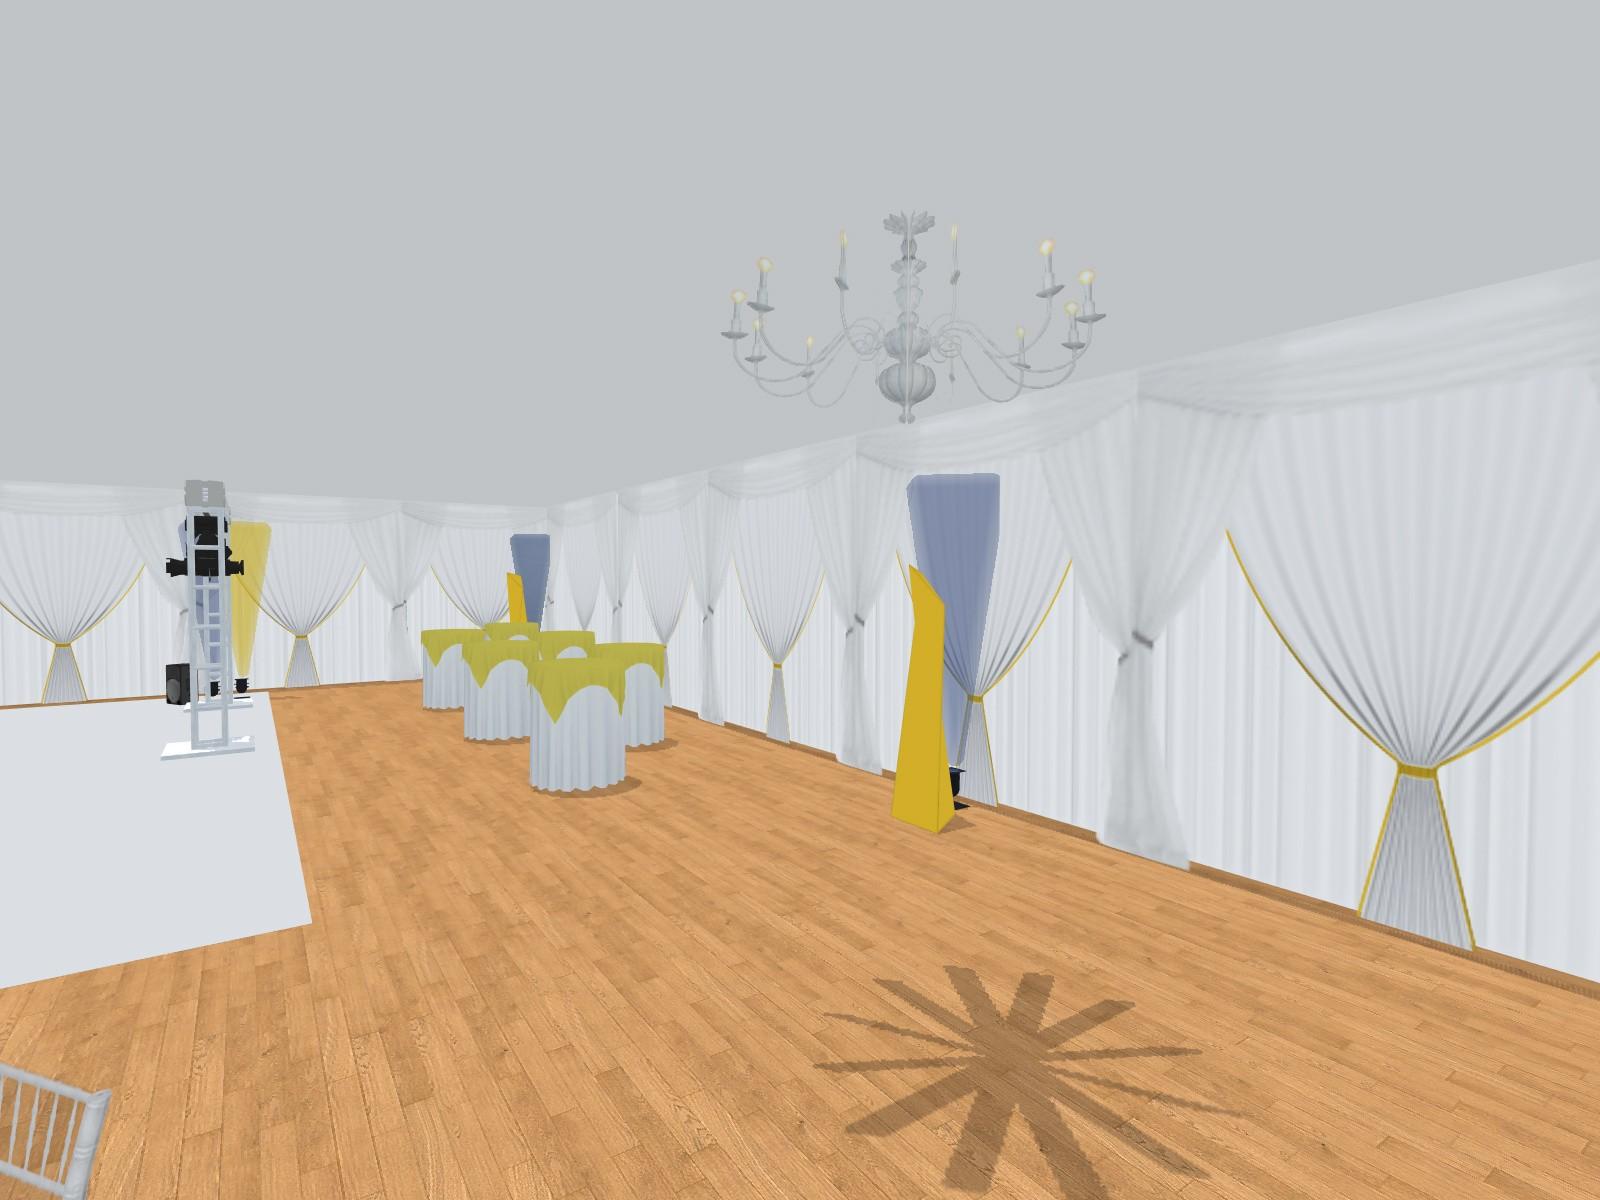 Prestations Plan 3d Evenement Mariage Anniversaire Décoration Evenementielle France Danceflorcotedetentehaut